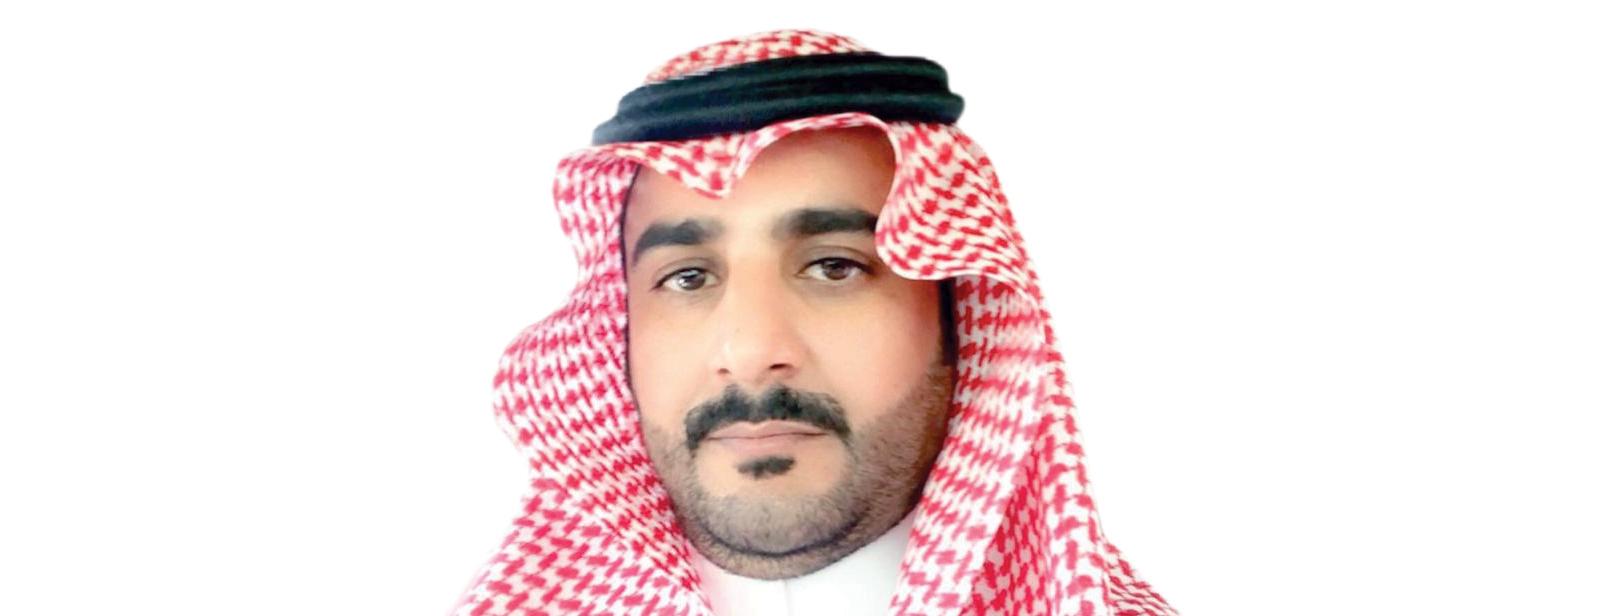 سعود ثامر الحارثي